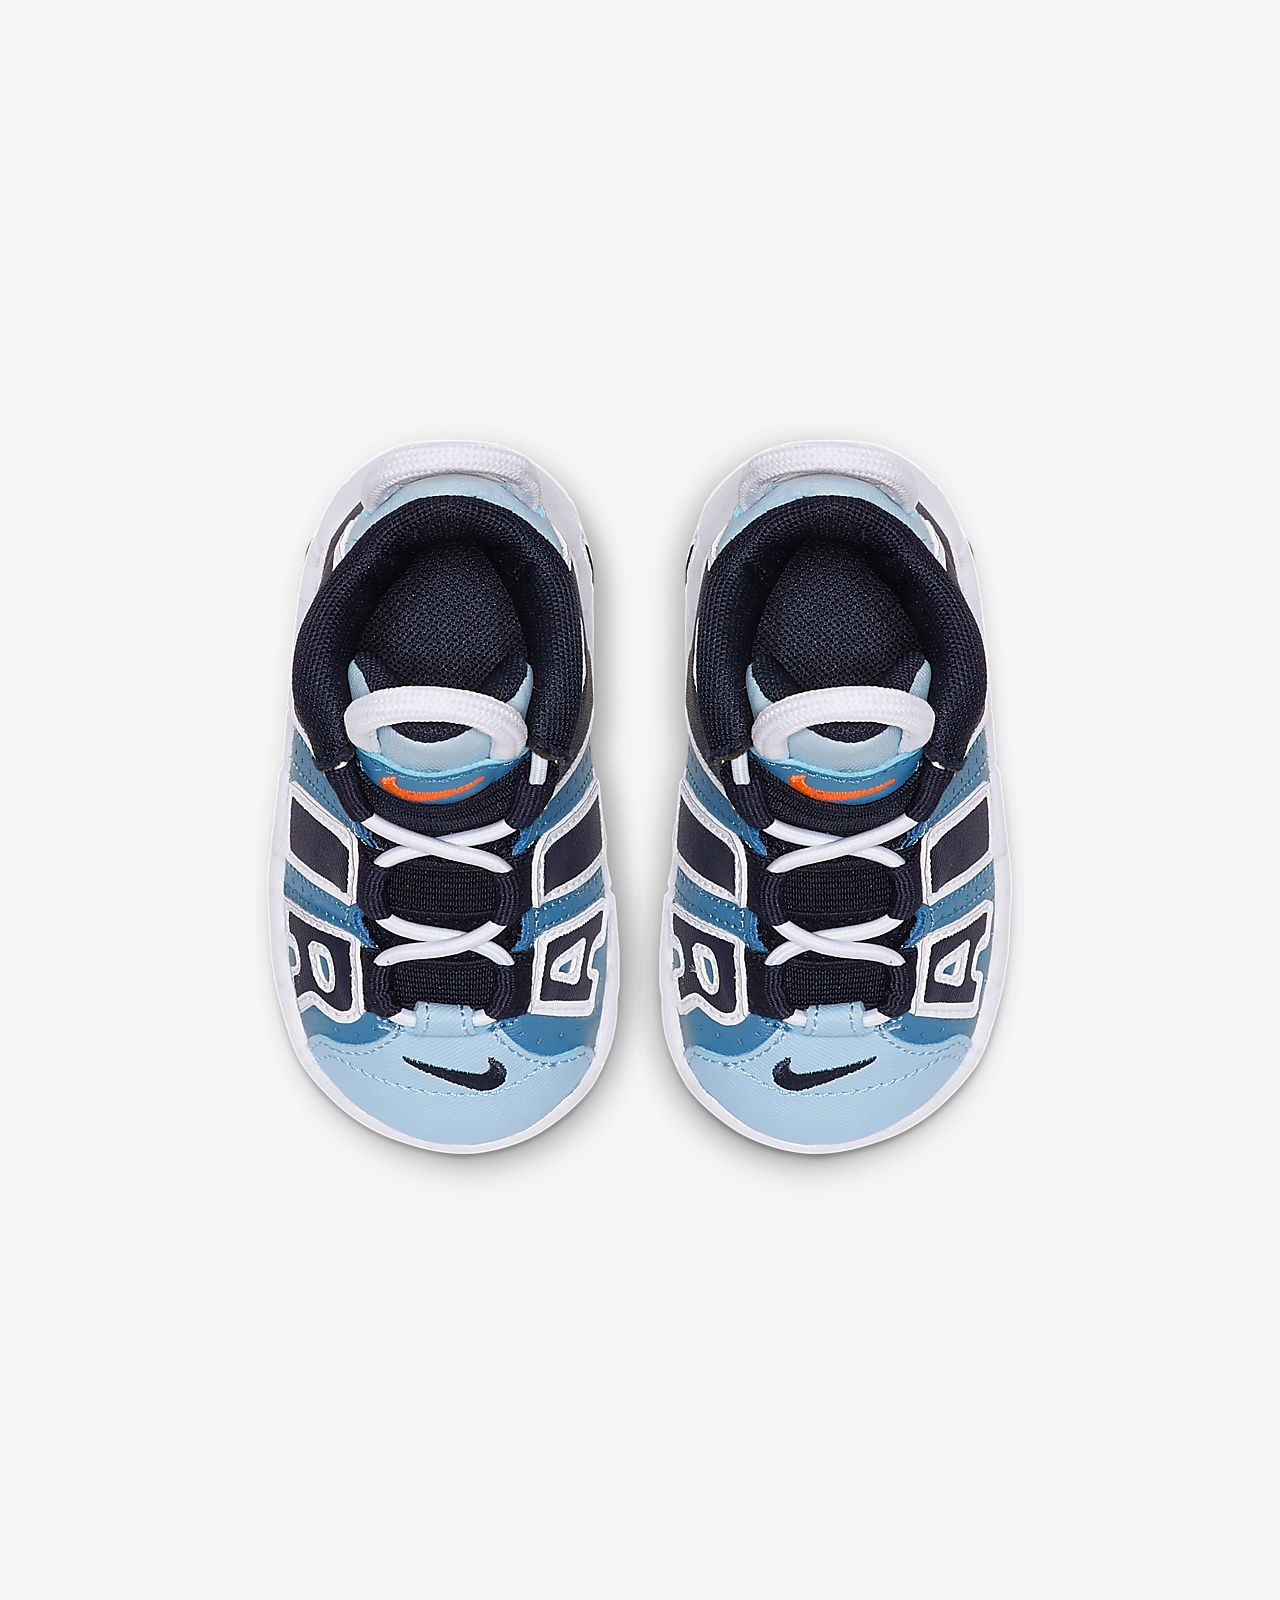 Nike Air More Uptempo Schuh für Babys und Kleinkinder